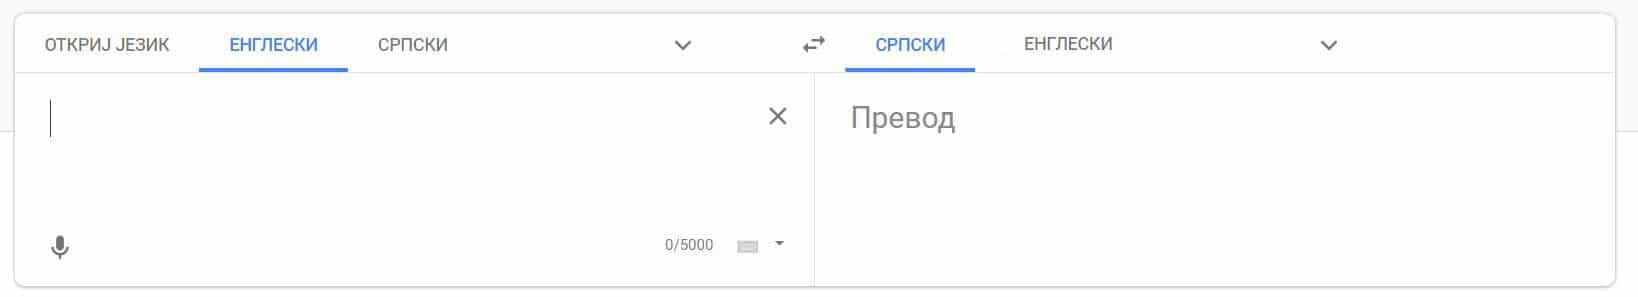 Prevodilac Sa Engleskog Na Srpski Jezik Licencirani Sudski